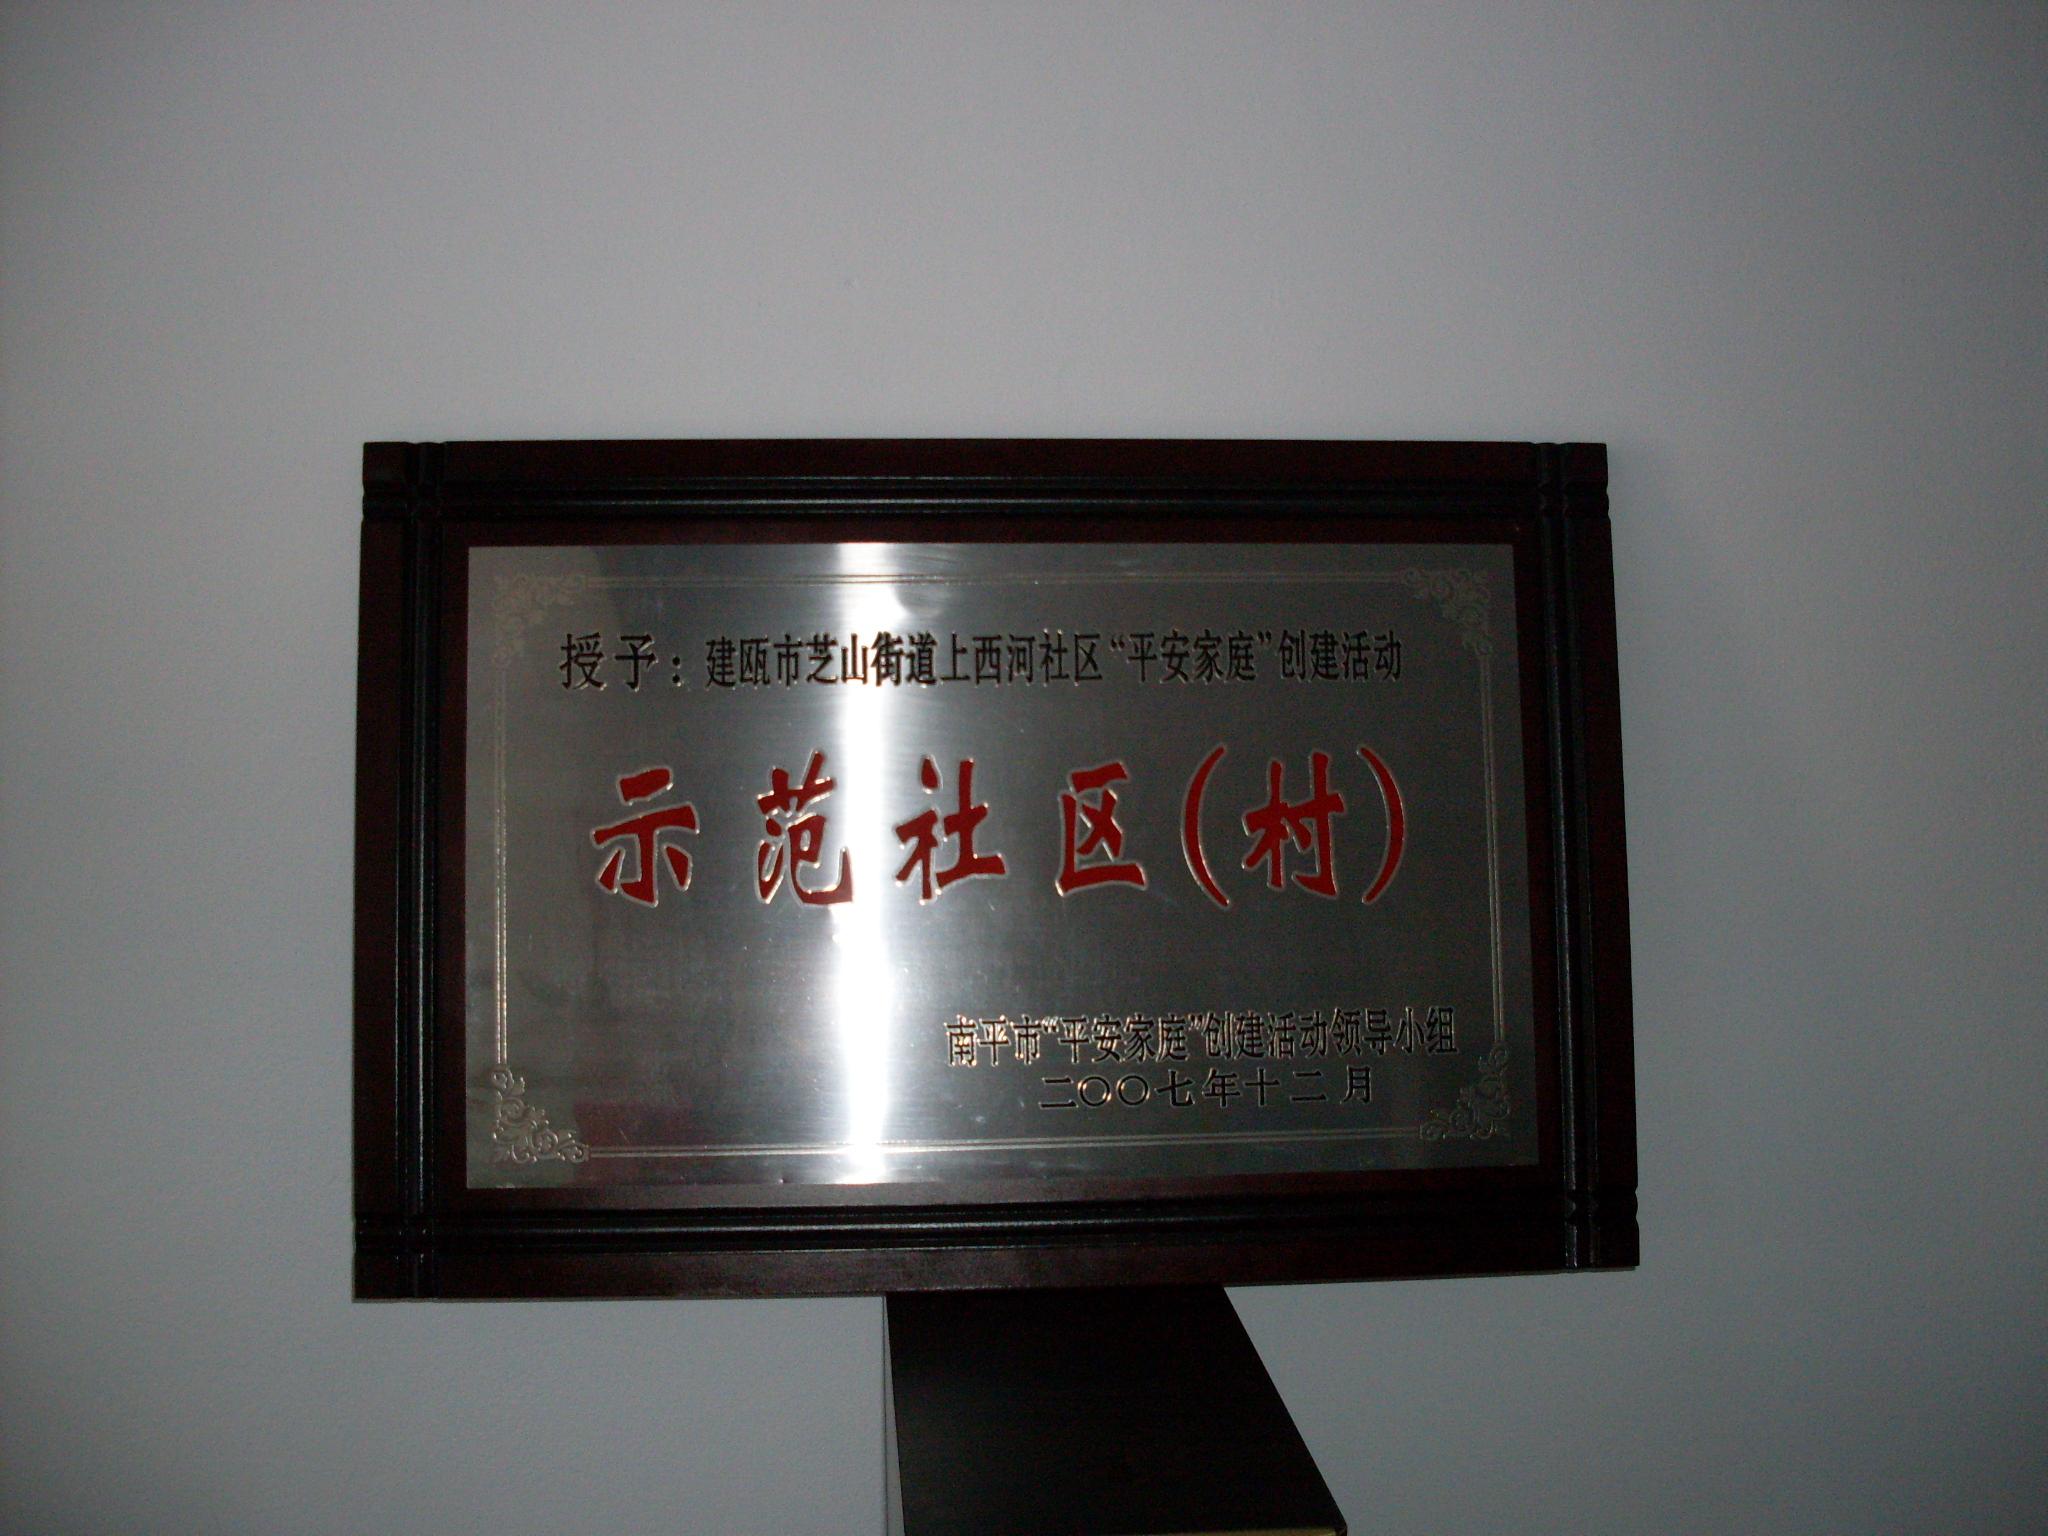 上西河荣誉